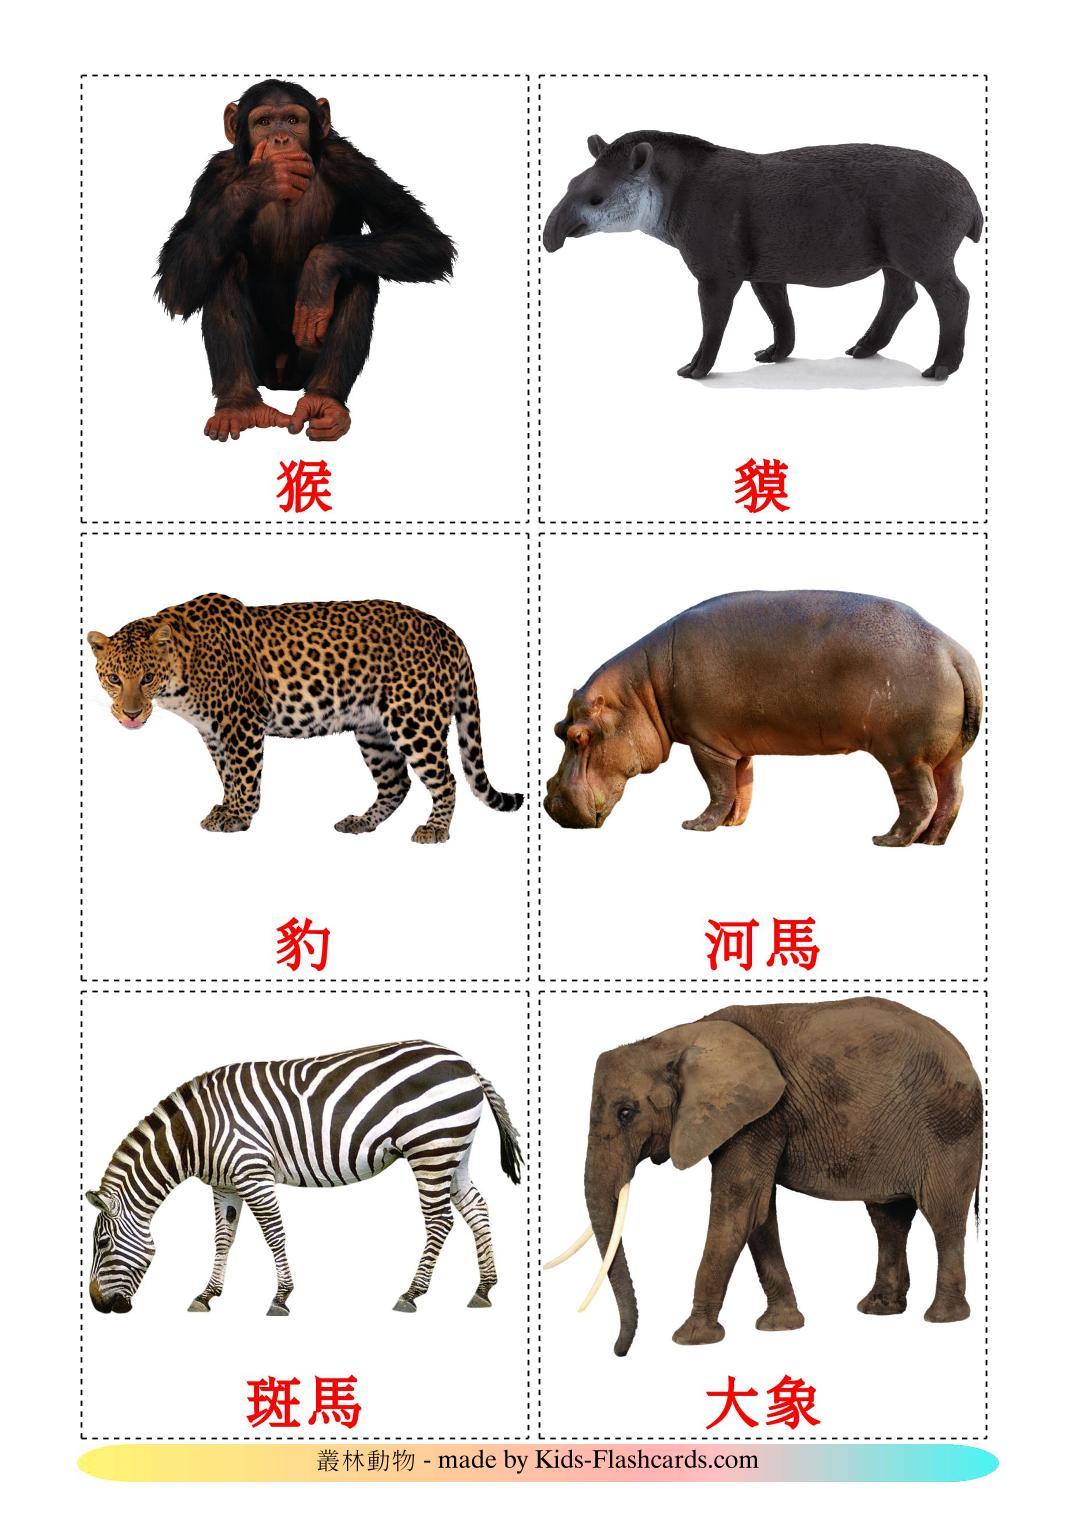 Животные африки - 21 Карточка Домана на китайский(Традиционный)